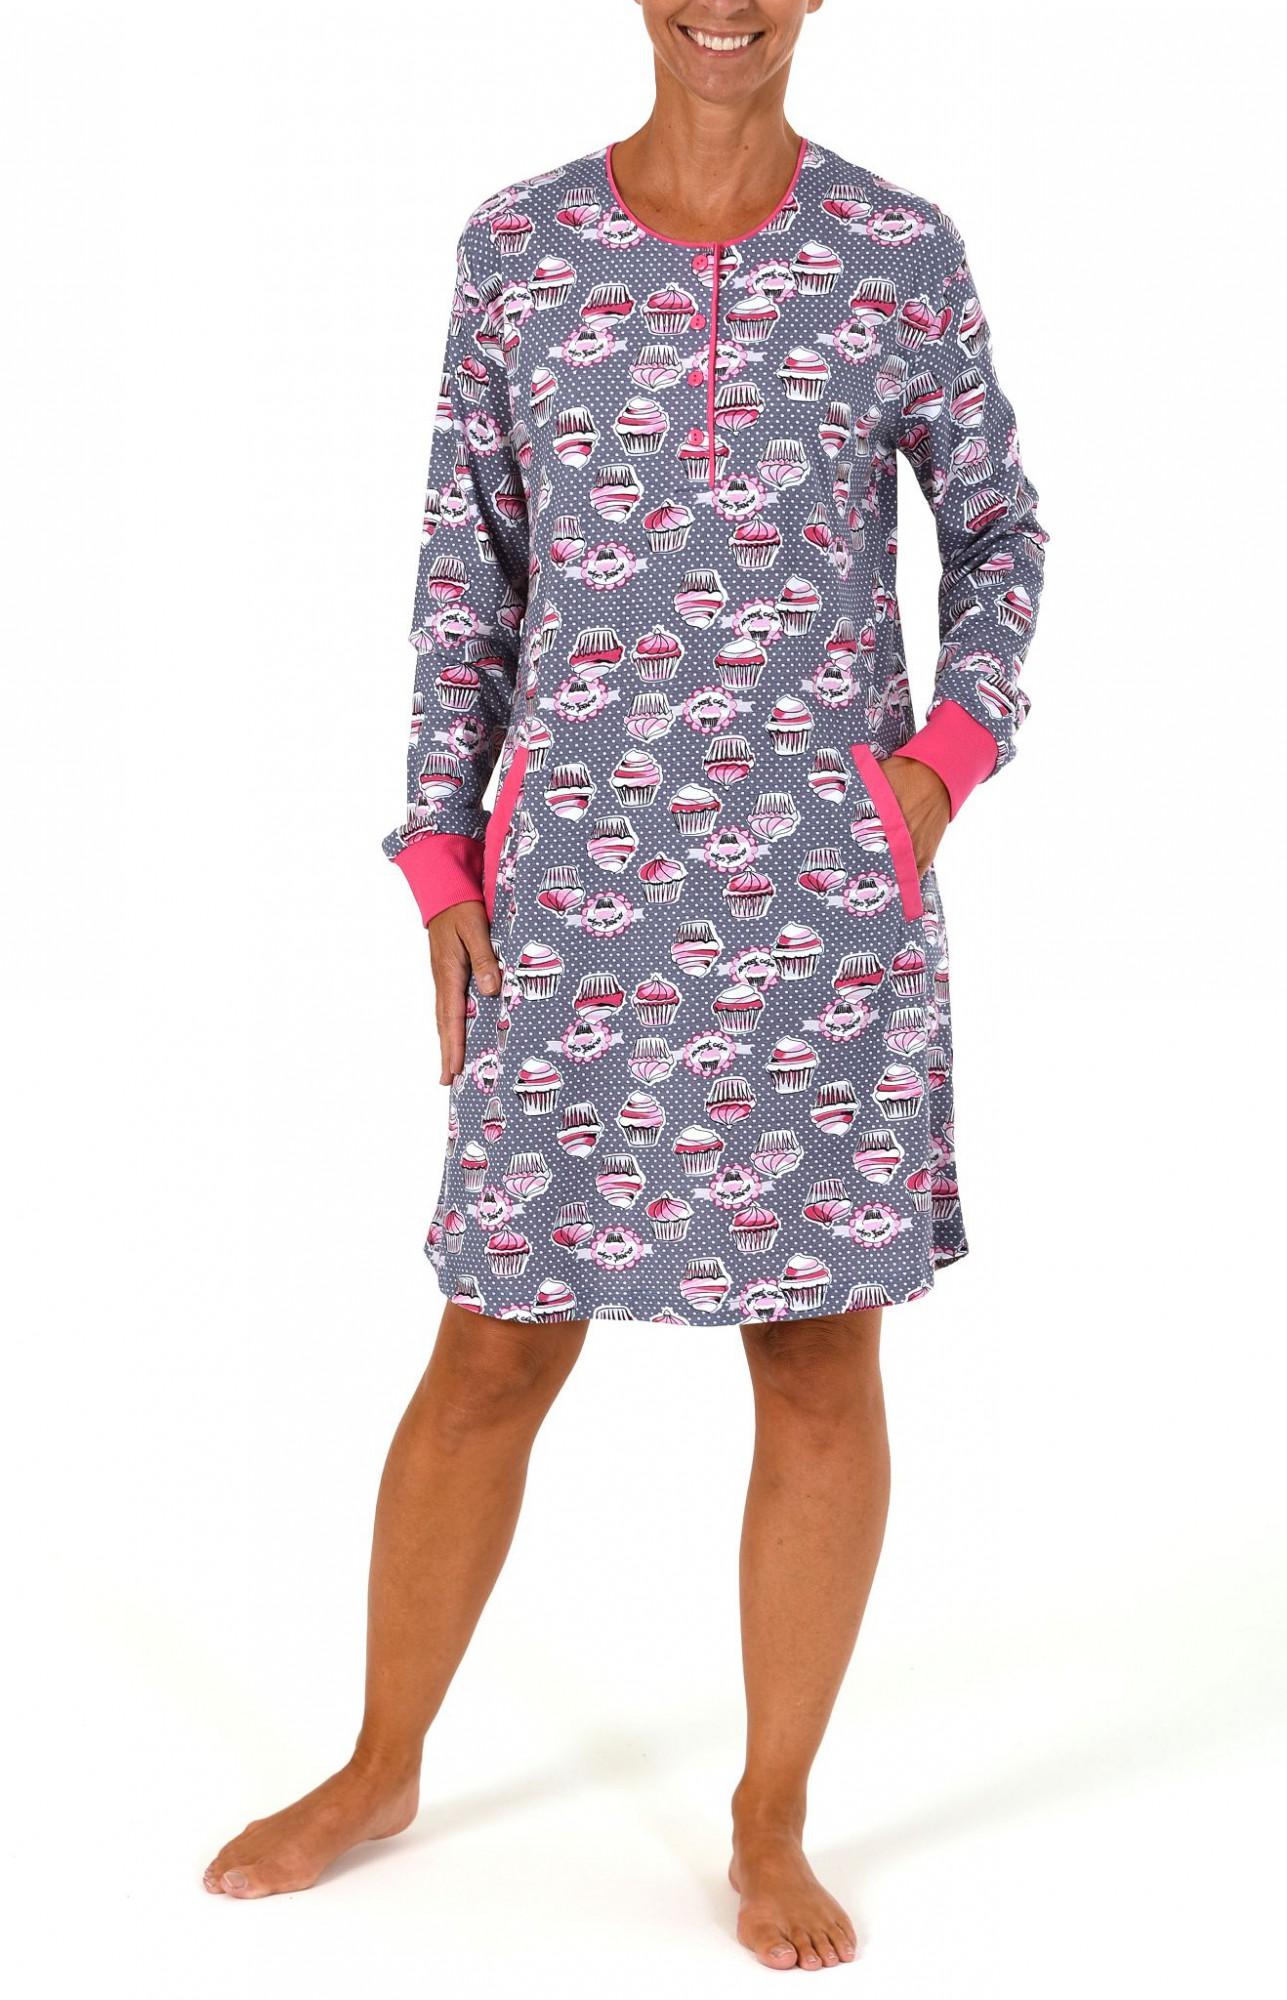 Cooles Damen Kurznachthemd mit Cupcake-Print und Bündchen – 261 213 90 103 – Bild 2